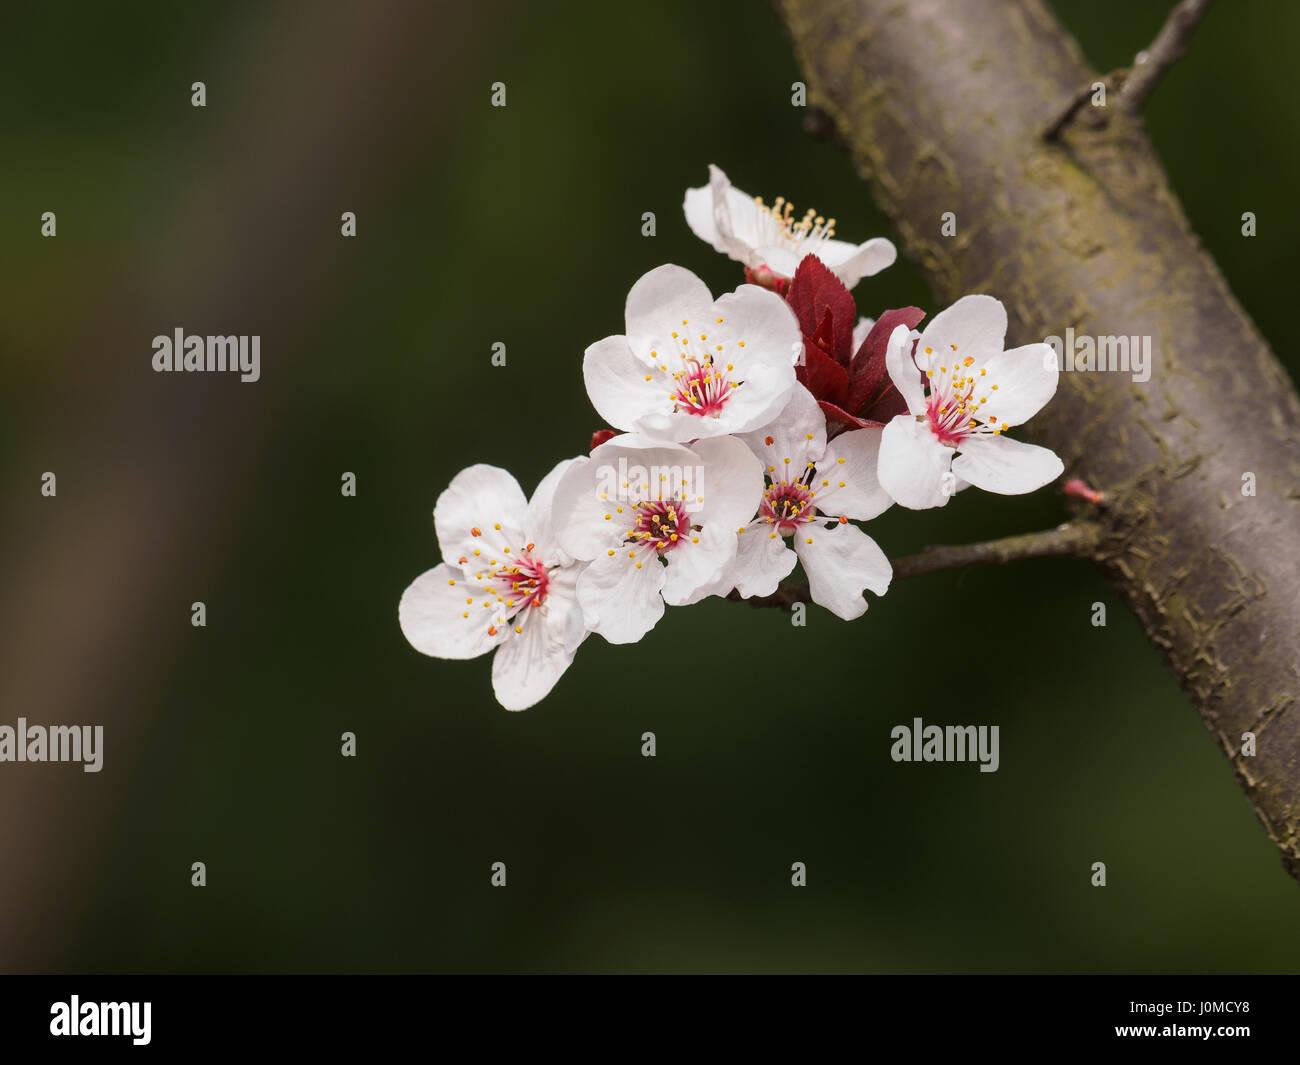 Spring flowers series prunus cerasifera or common names cherry plum spring flowers series prunus cerasifera or common names cherry plum and myrobalan plum branch with flowers and leaves mightylinksfo